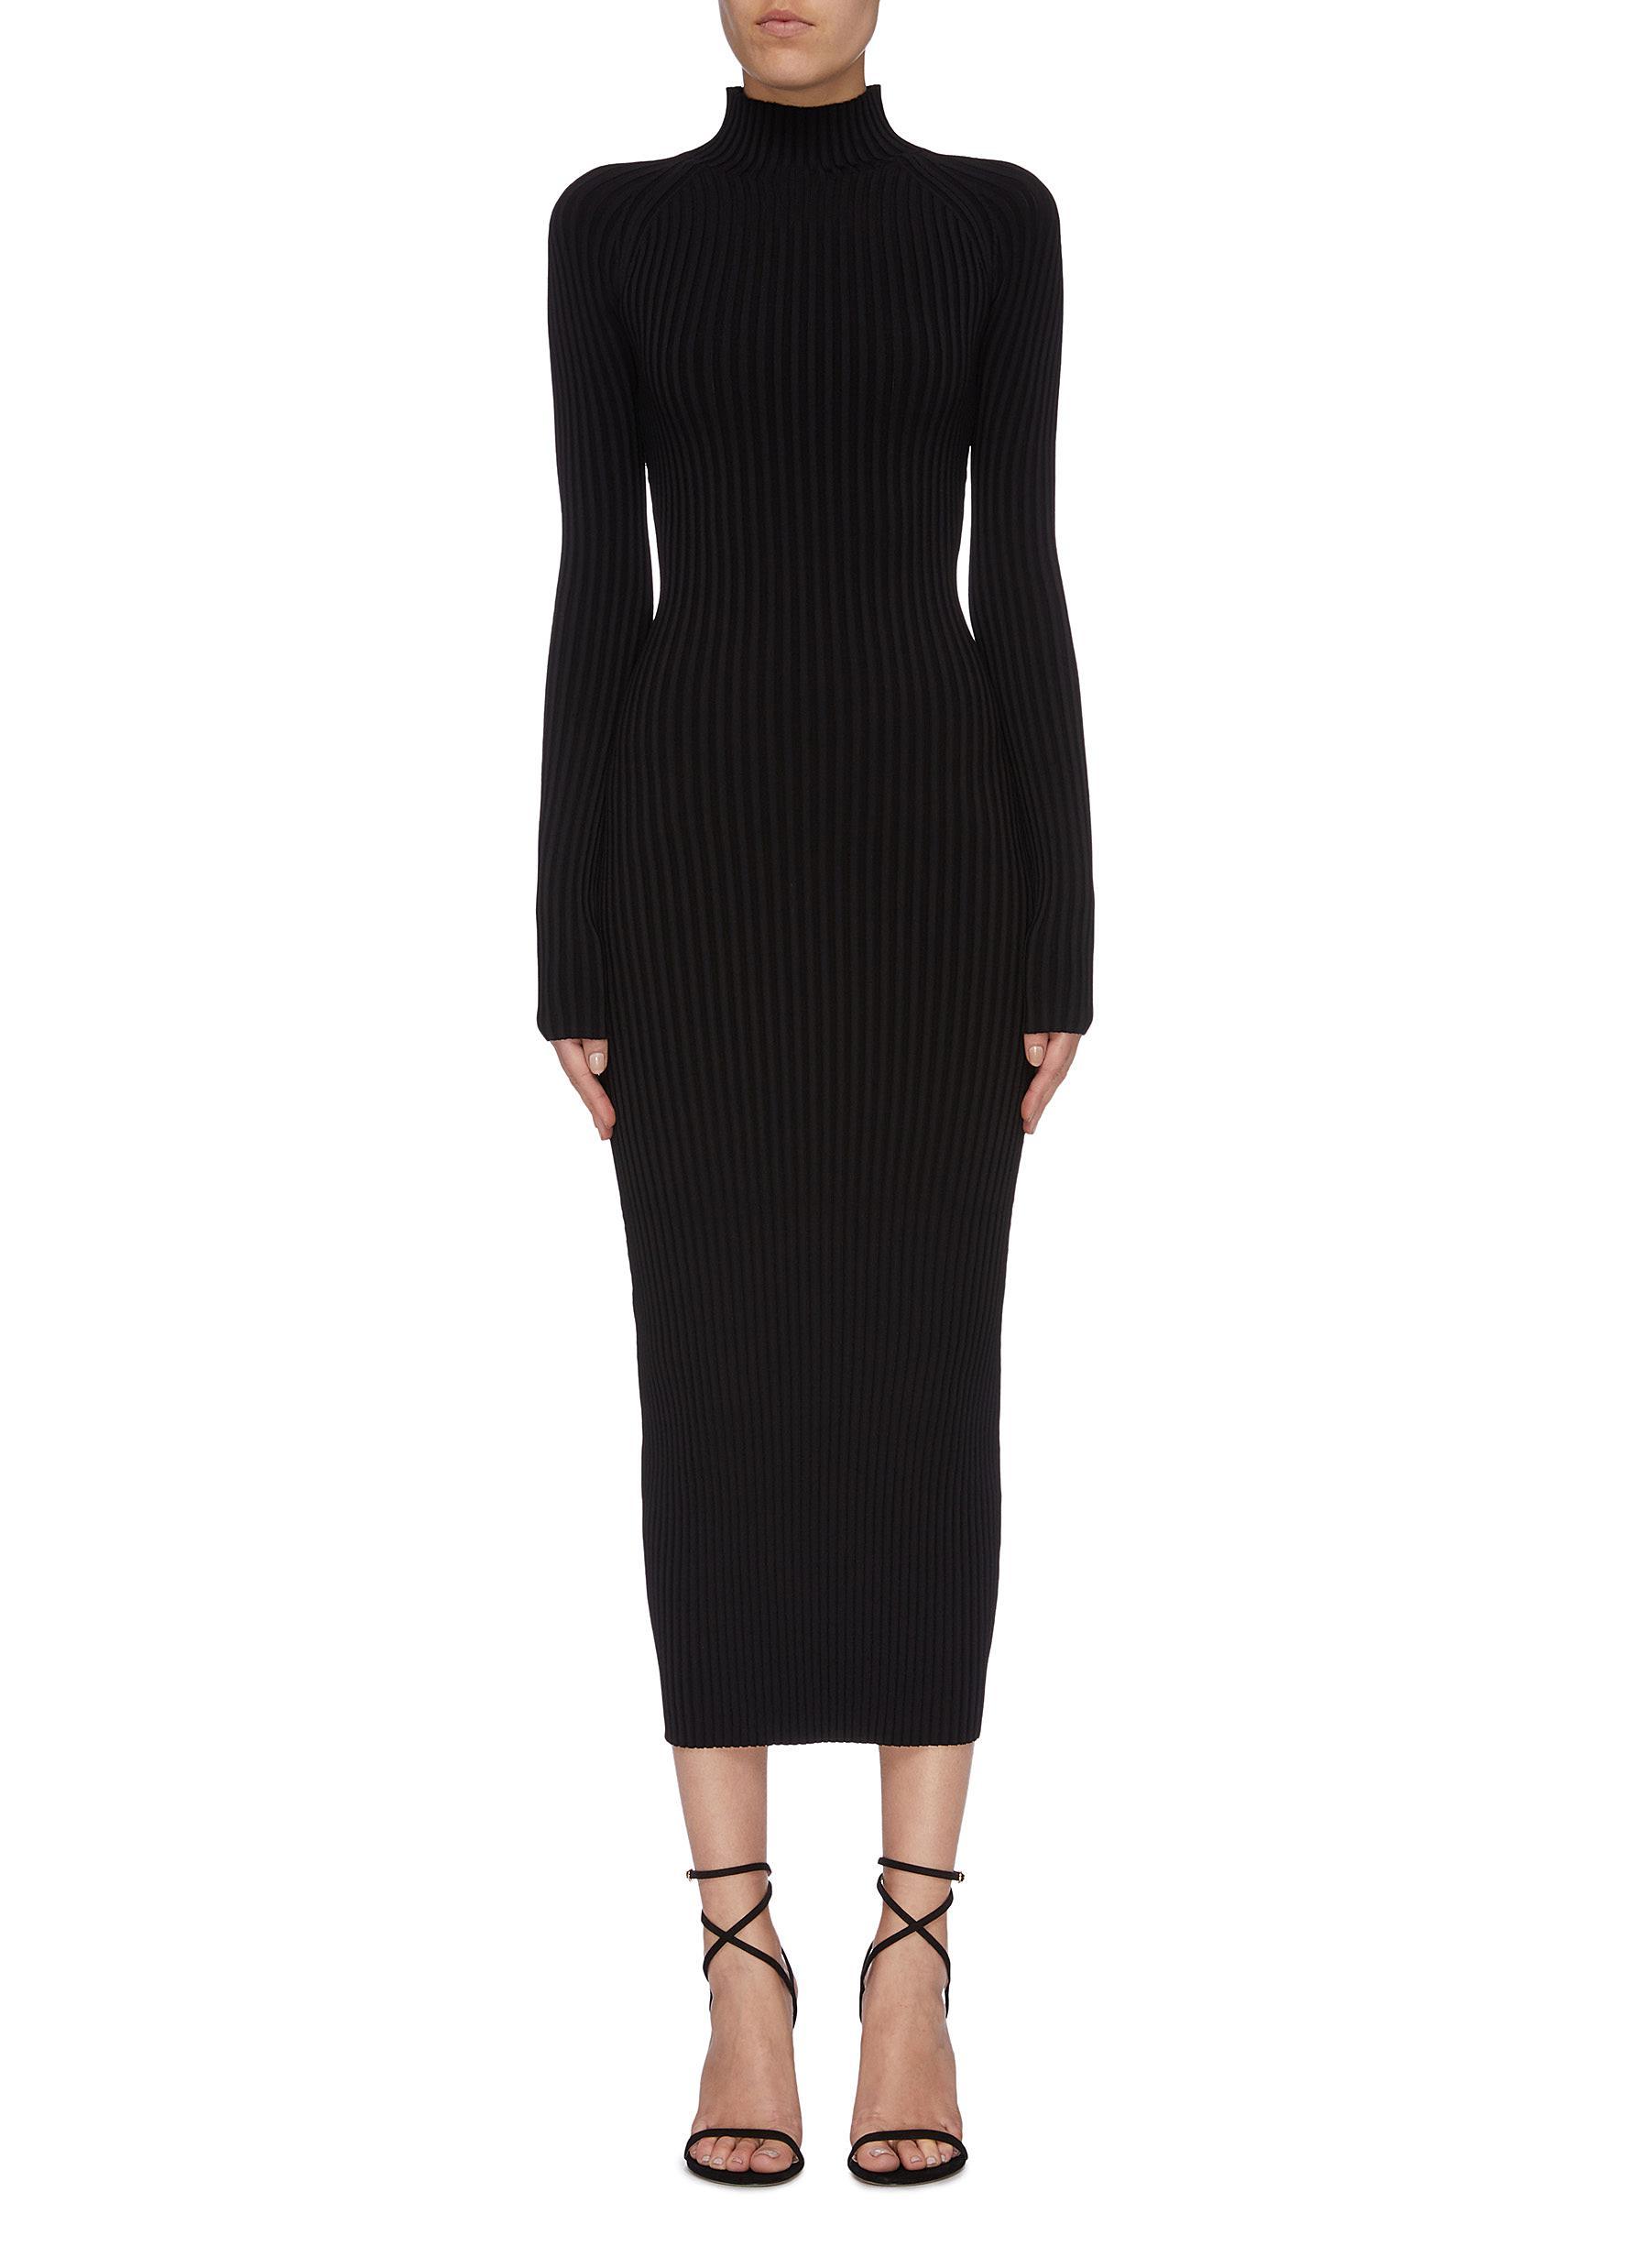 Shadow Stripe twist cutout back rib knit high neck dress by Dion Lee